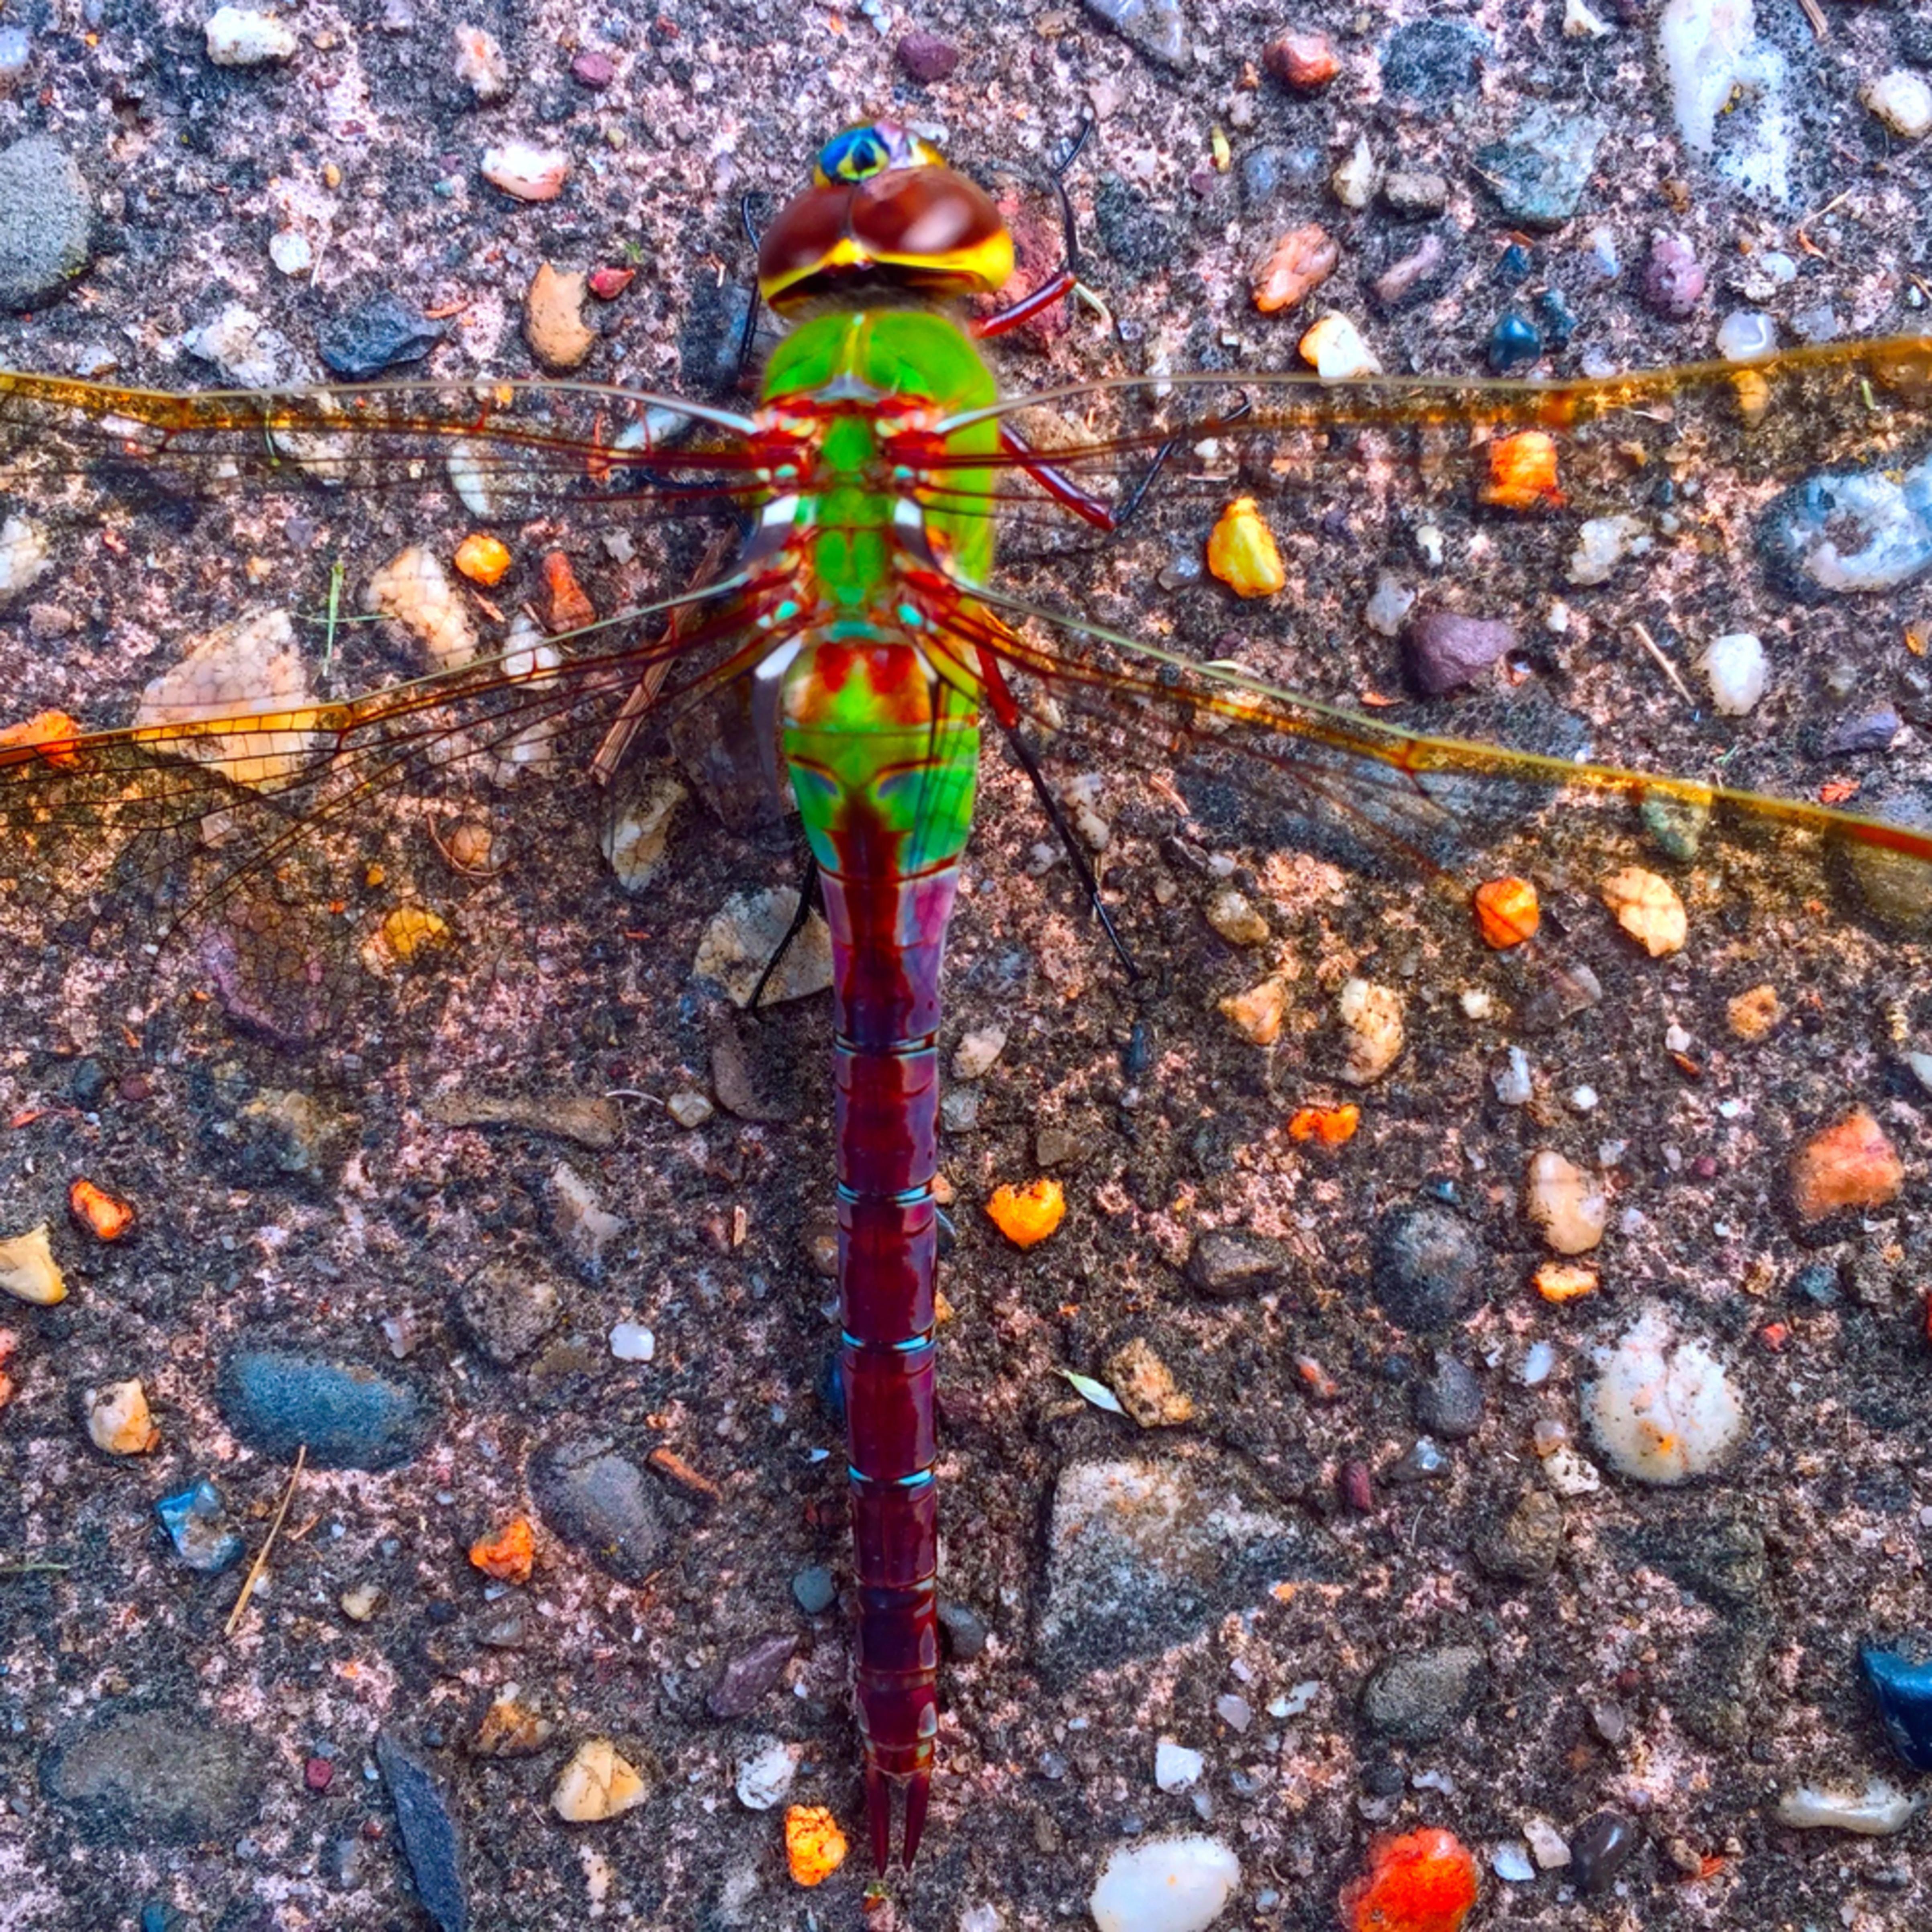 Dragonfly on sidewalk a3olot